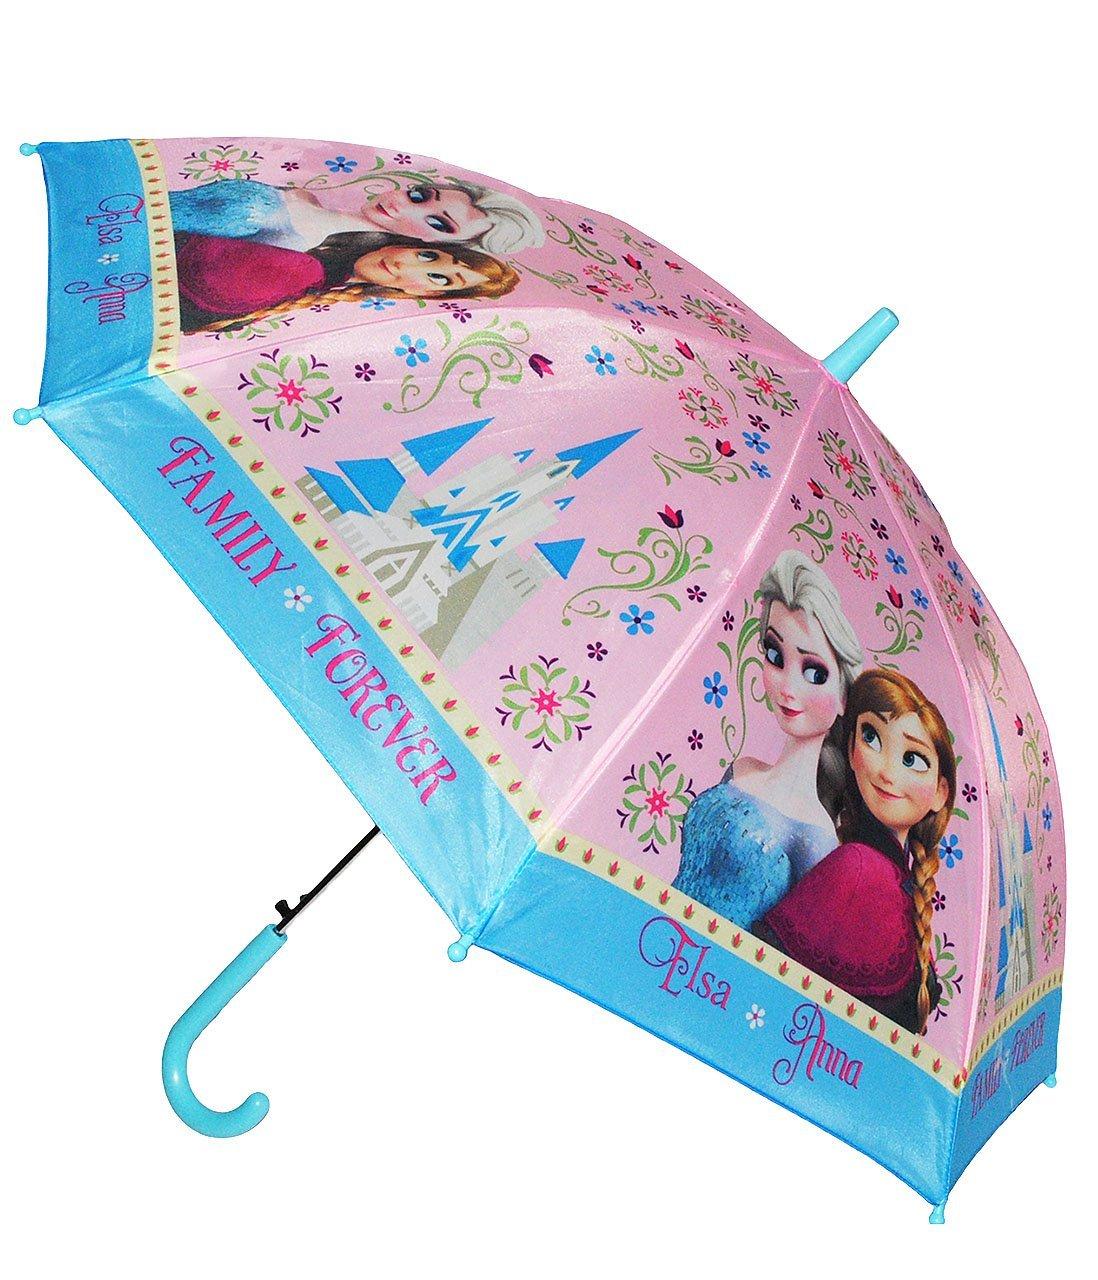 Elsa Automatik Kinderschirm Kinder Frozen Regenschirm Die Eiskönigin Anna